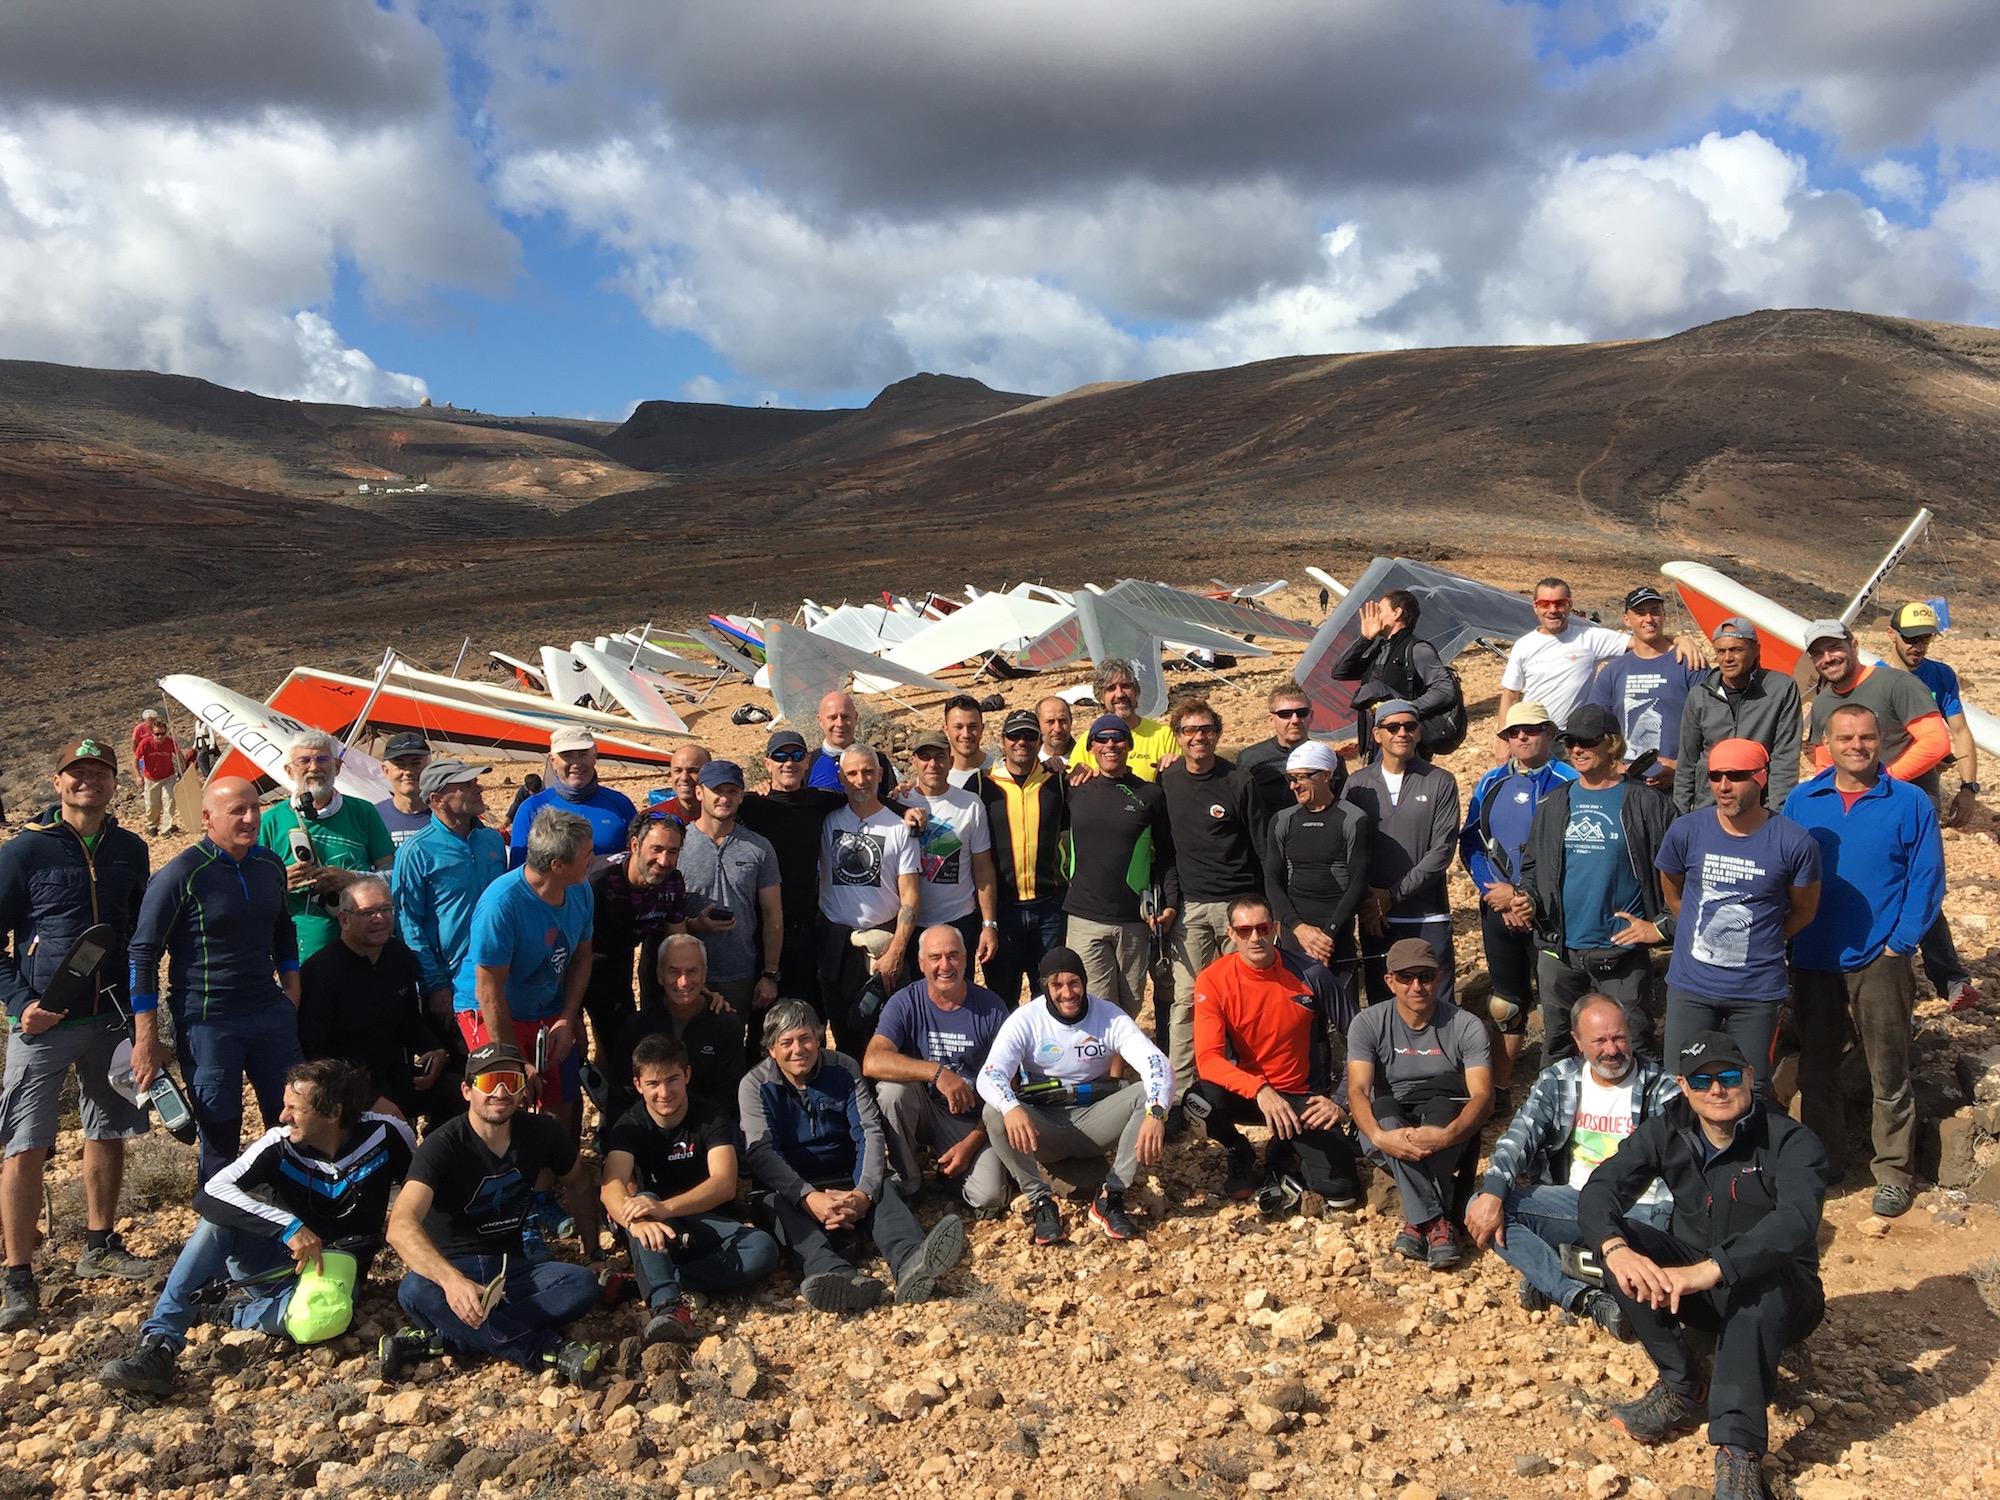 Pilotos 3 - XXIII Abierto Internacional de Ala Delta y el Campeonato de Canarias 2019